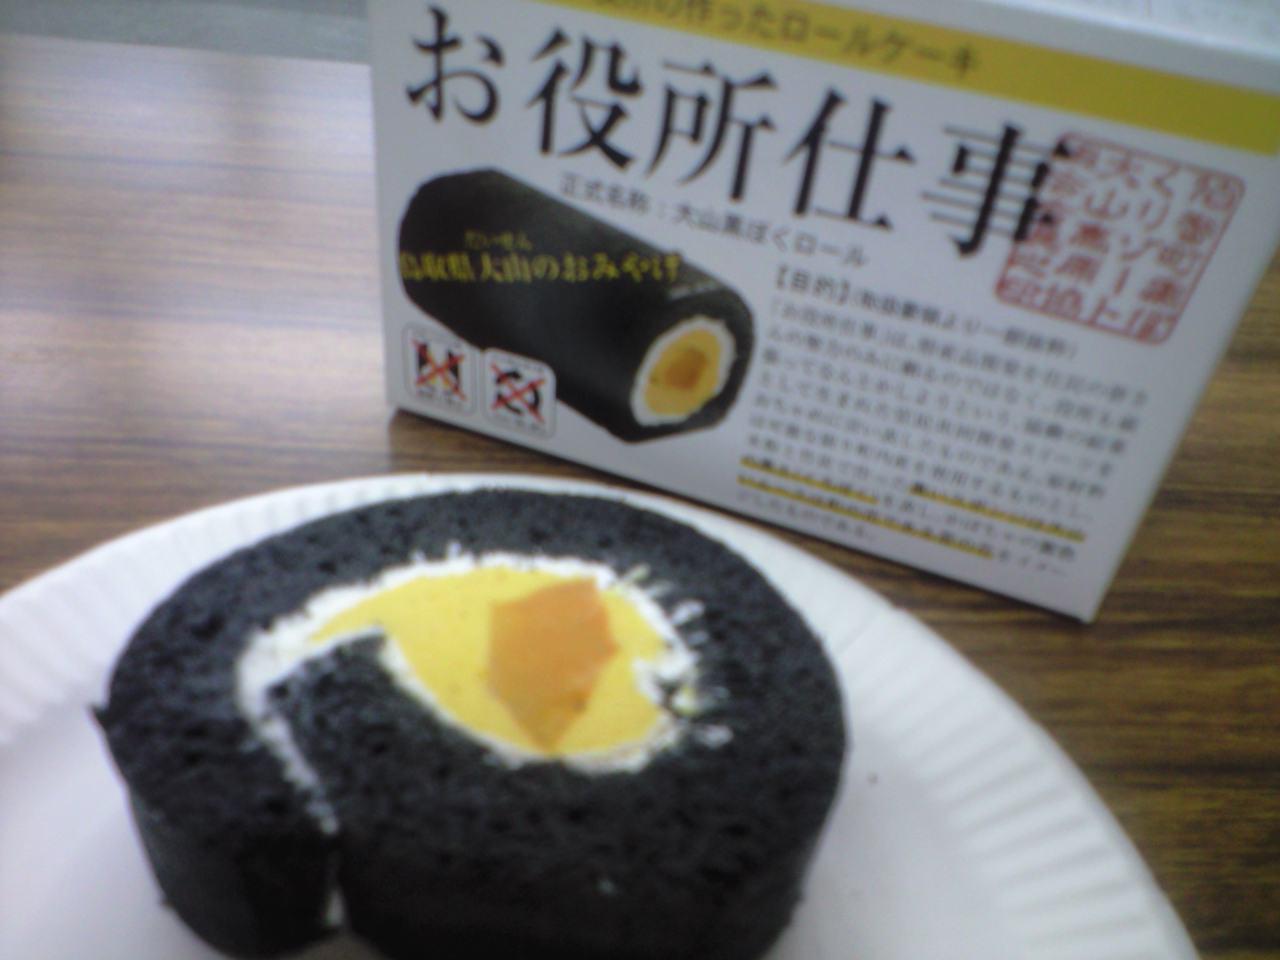 大山 黒ぼくロールケーキ「お役所仕事」出来ました〜♪